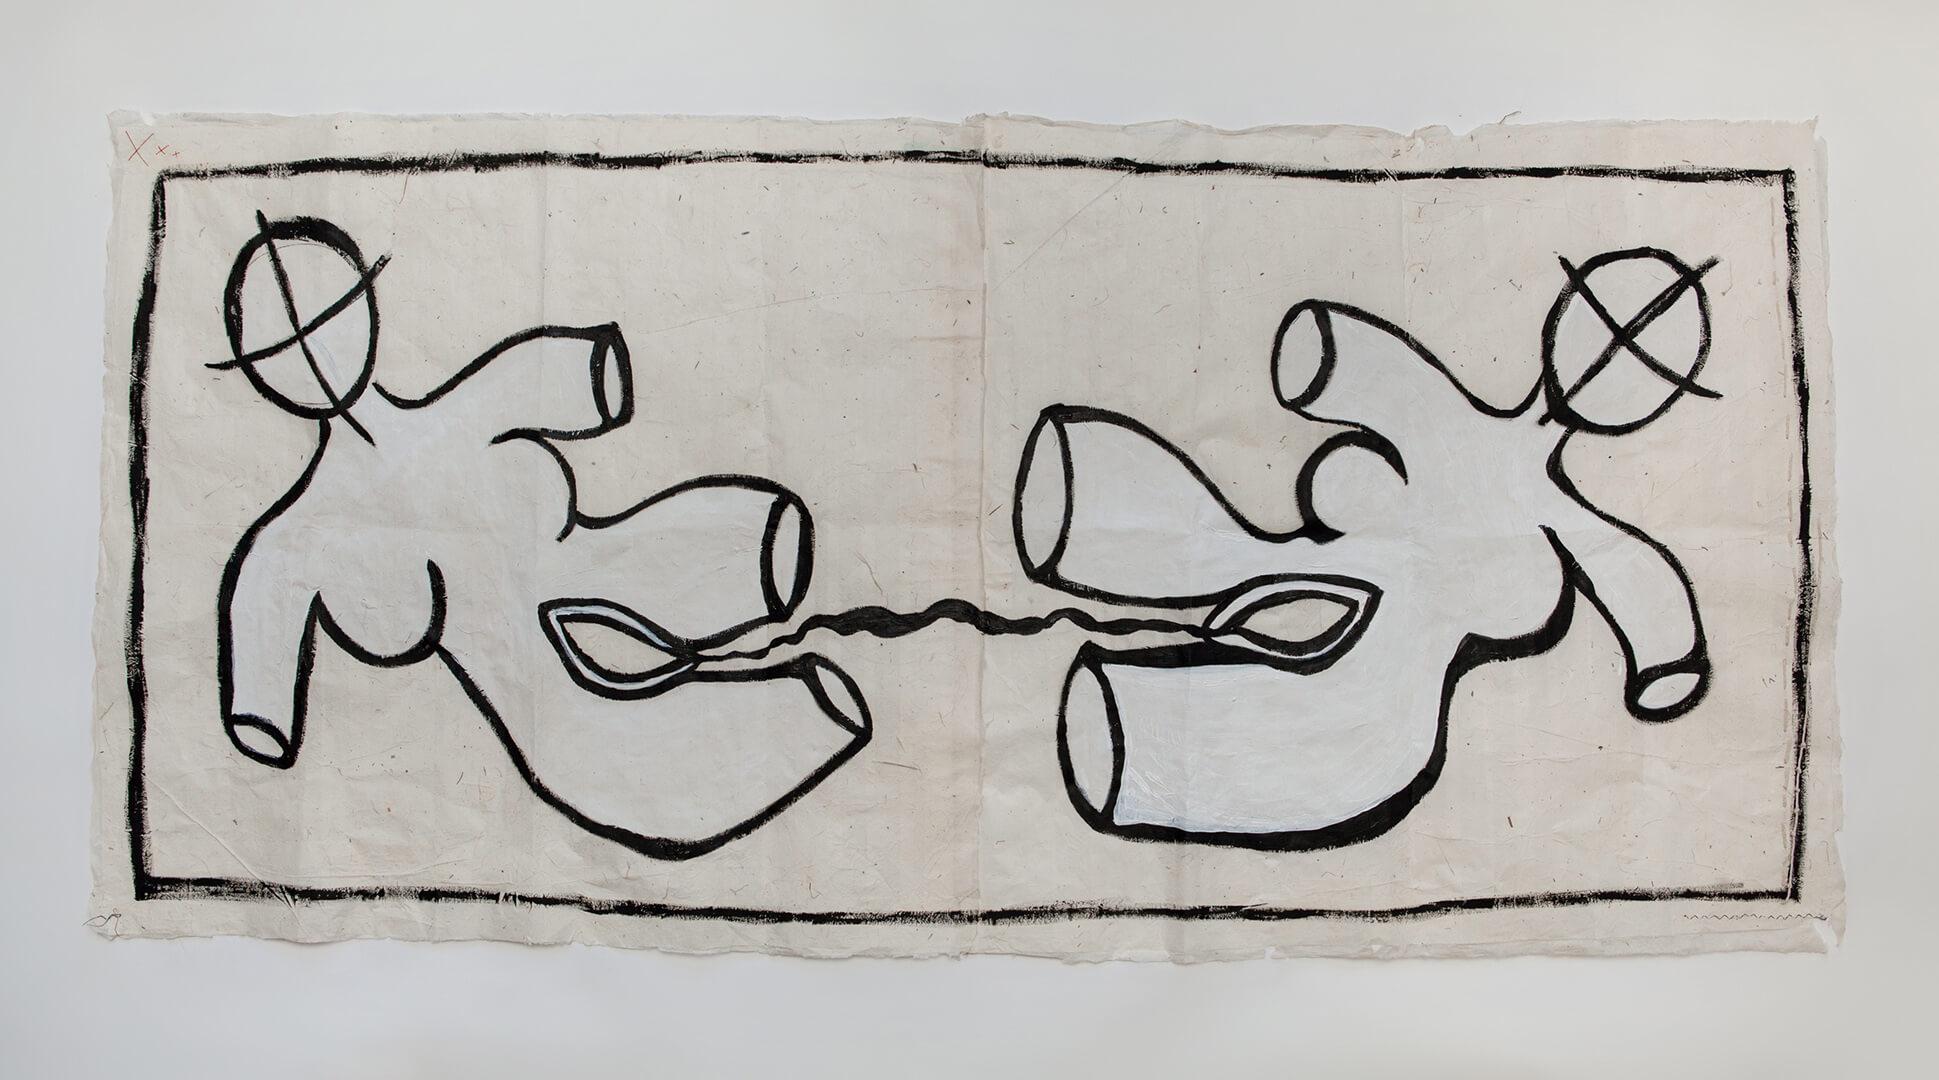 United #2, 85x180cm, Acrylic on Handmade Japanese Washi Paper